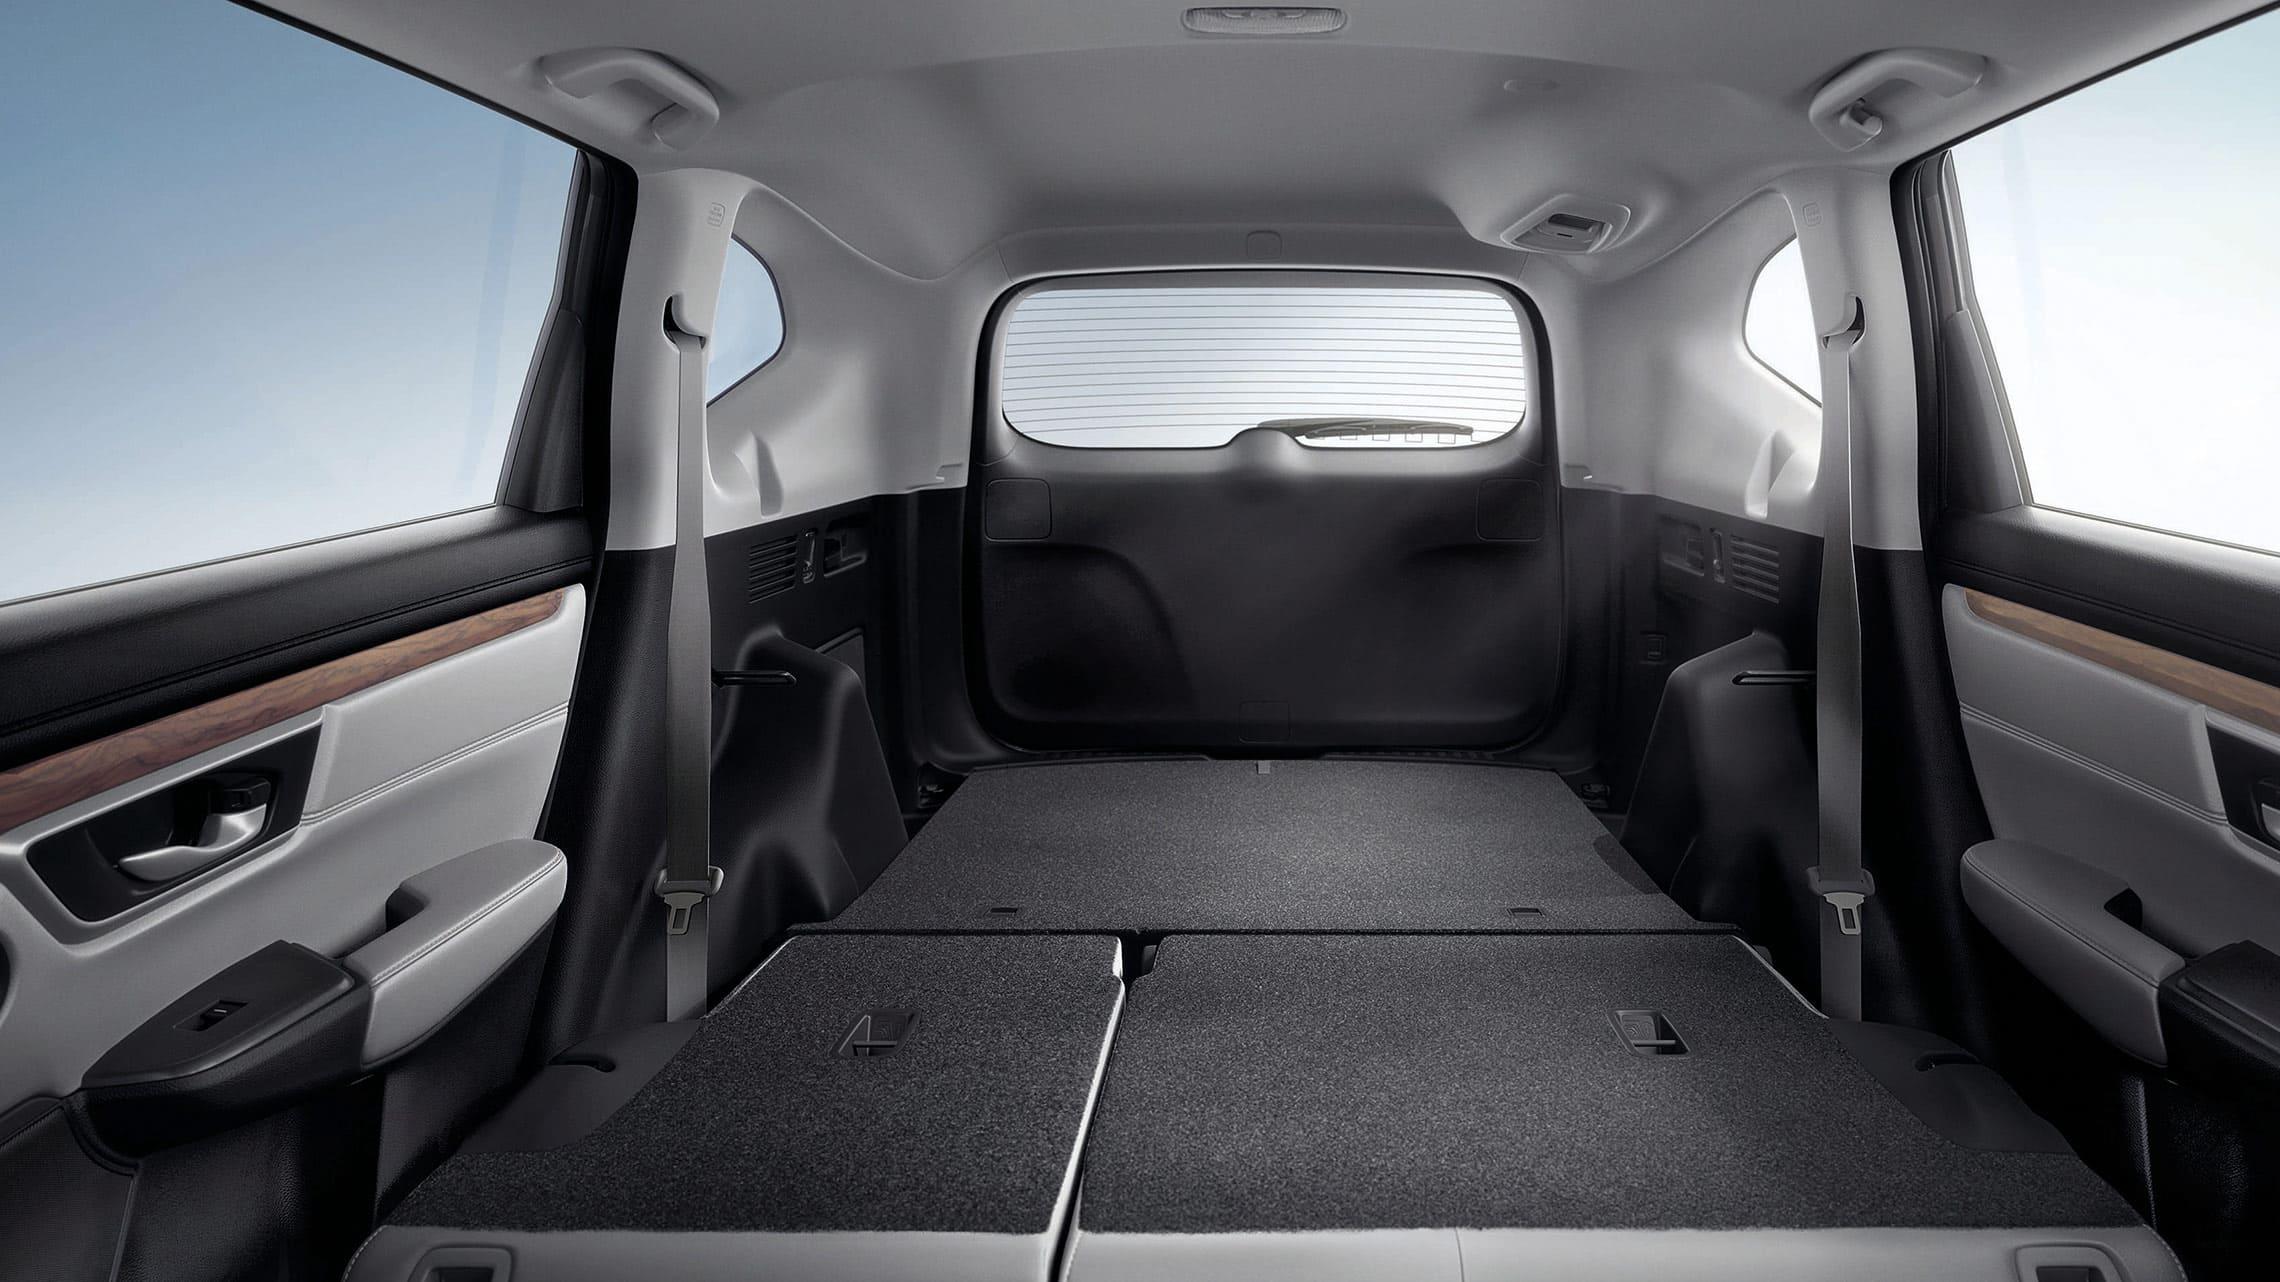 Vista del espacio de carga interior de la Honda CR-V 2019, y del respaldo del asiento trasero abatible 60/40 que se pliega con facilidad.